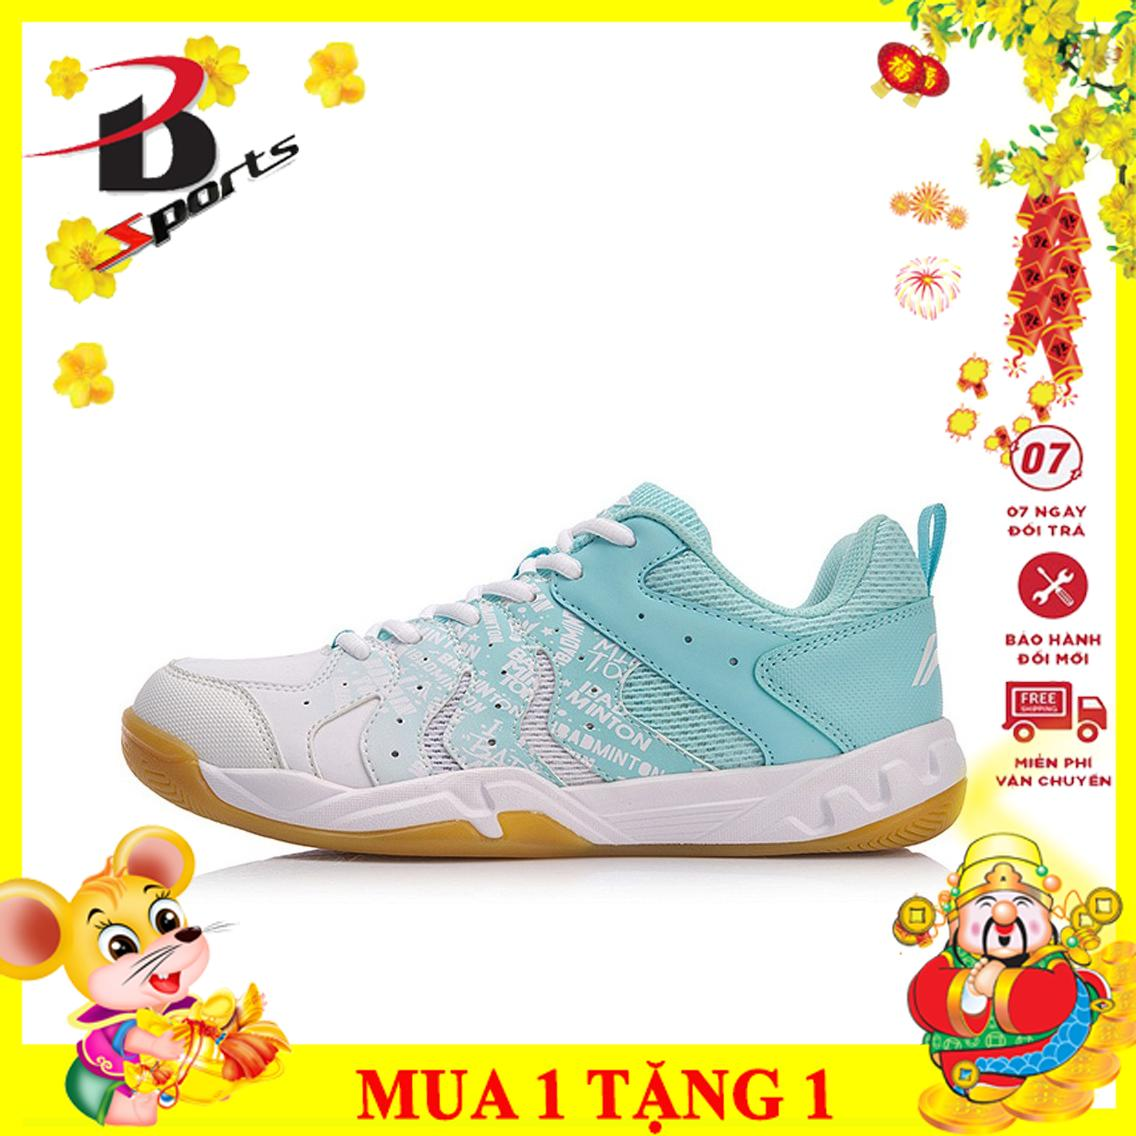 Bảng giá Giày cầu lông nữ Lining màu trắng AYTN052-2 đế kếp cao su già, đàn hồi, bảo vệ chân, bảo hành 24 tháng - giầy đánh cầu lông - giày đánh bóng chuyền - giày nam